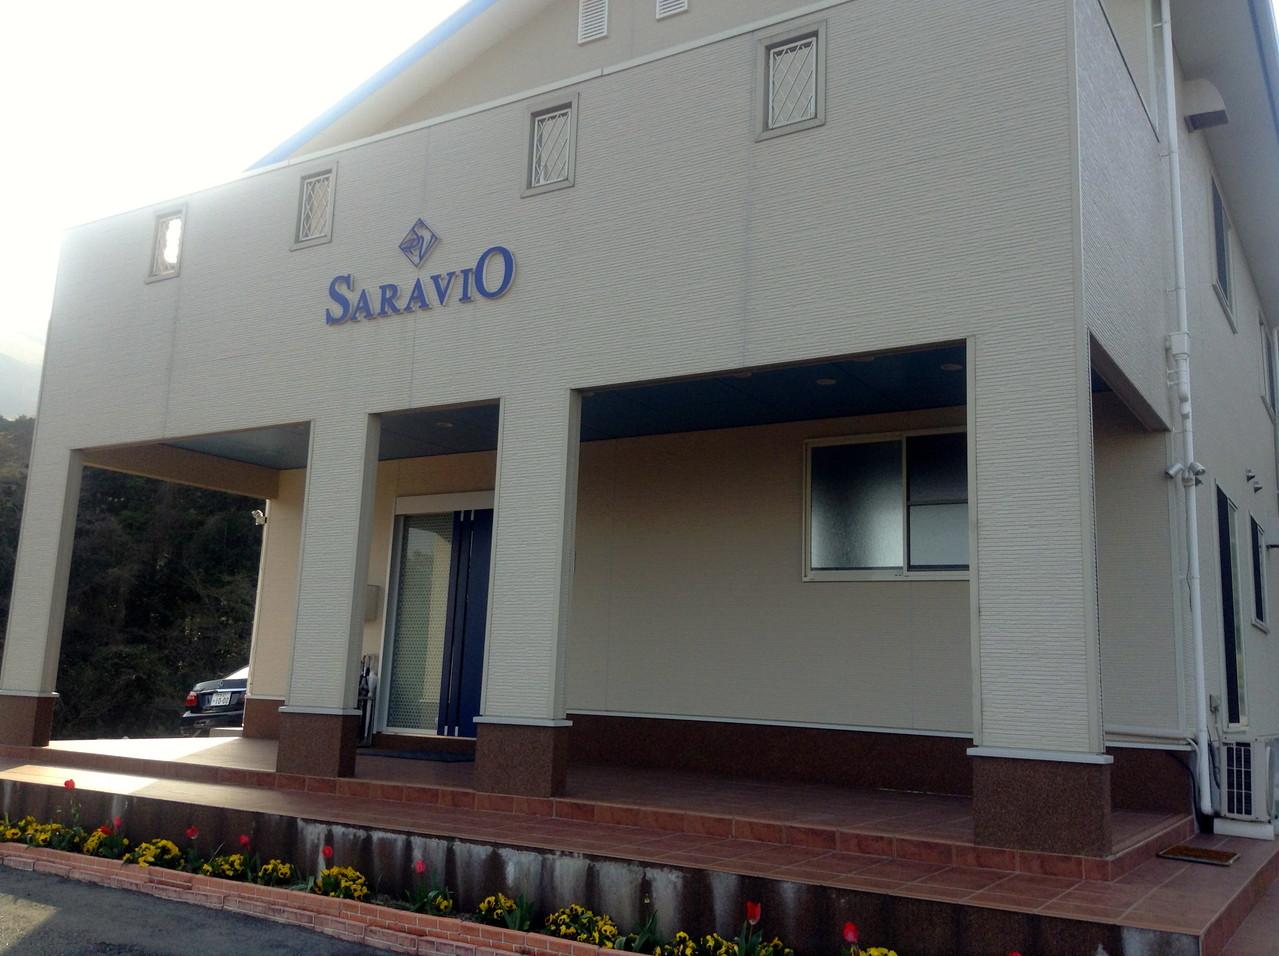 サラヴィオ本社および サラヴィオ中央研究所外観